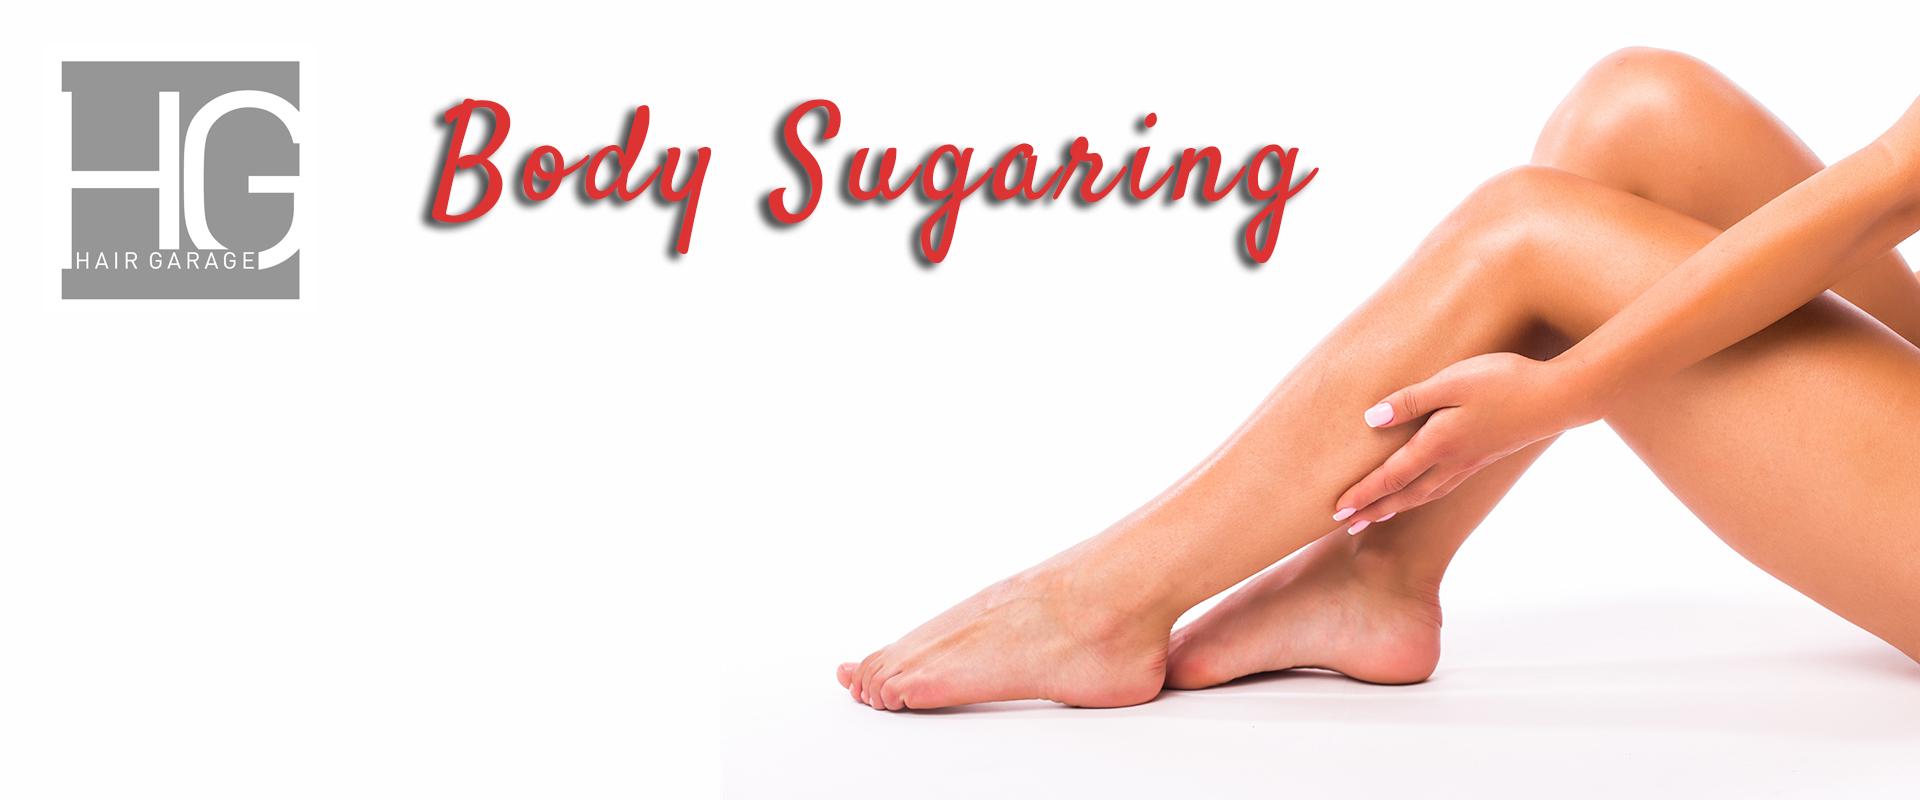 Sokerointi - body sugaring Tampereella - kauneushoitola Hair Garage